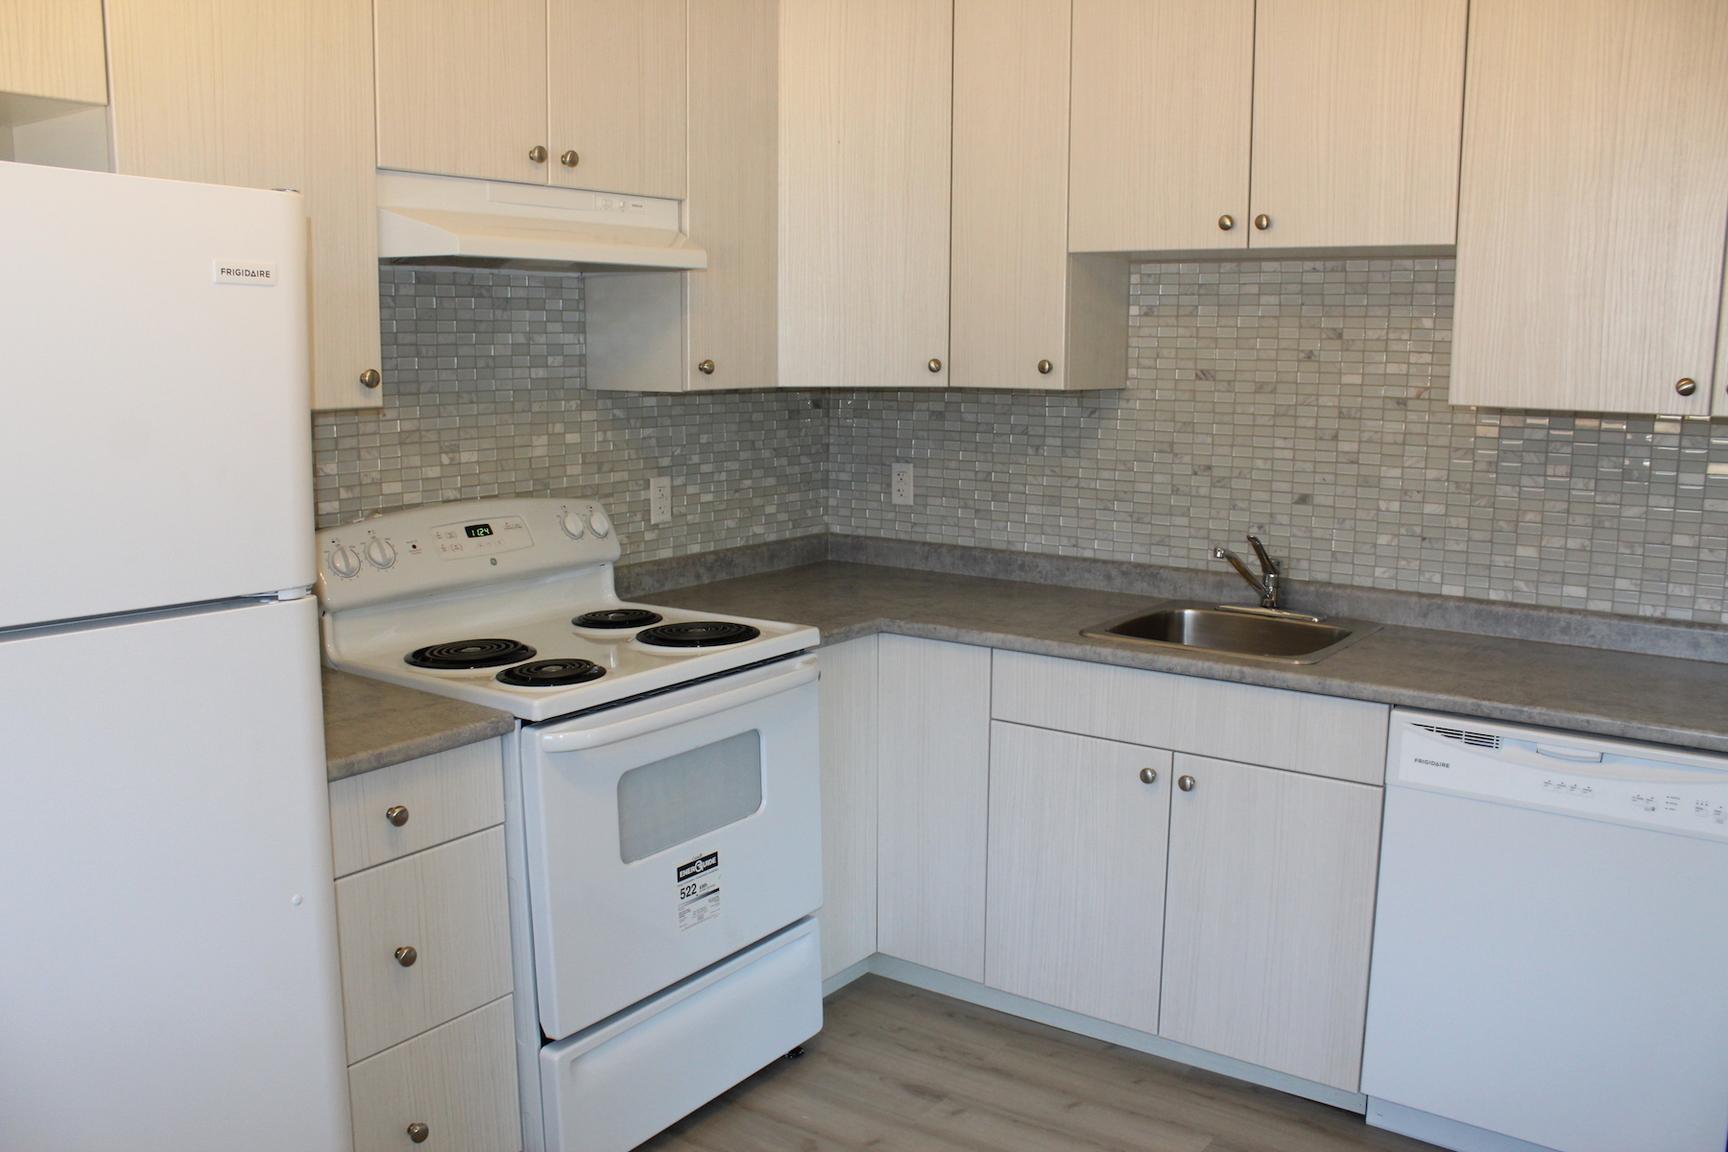 3954 Retallack Street, Regina, SK - $799